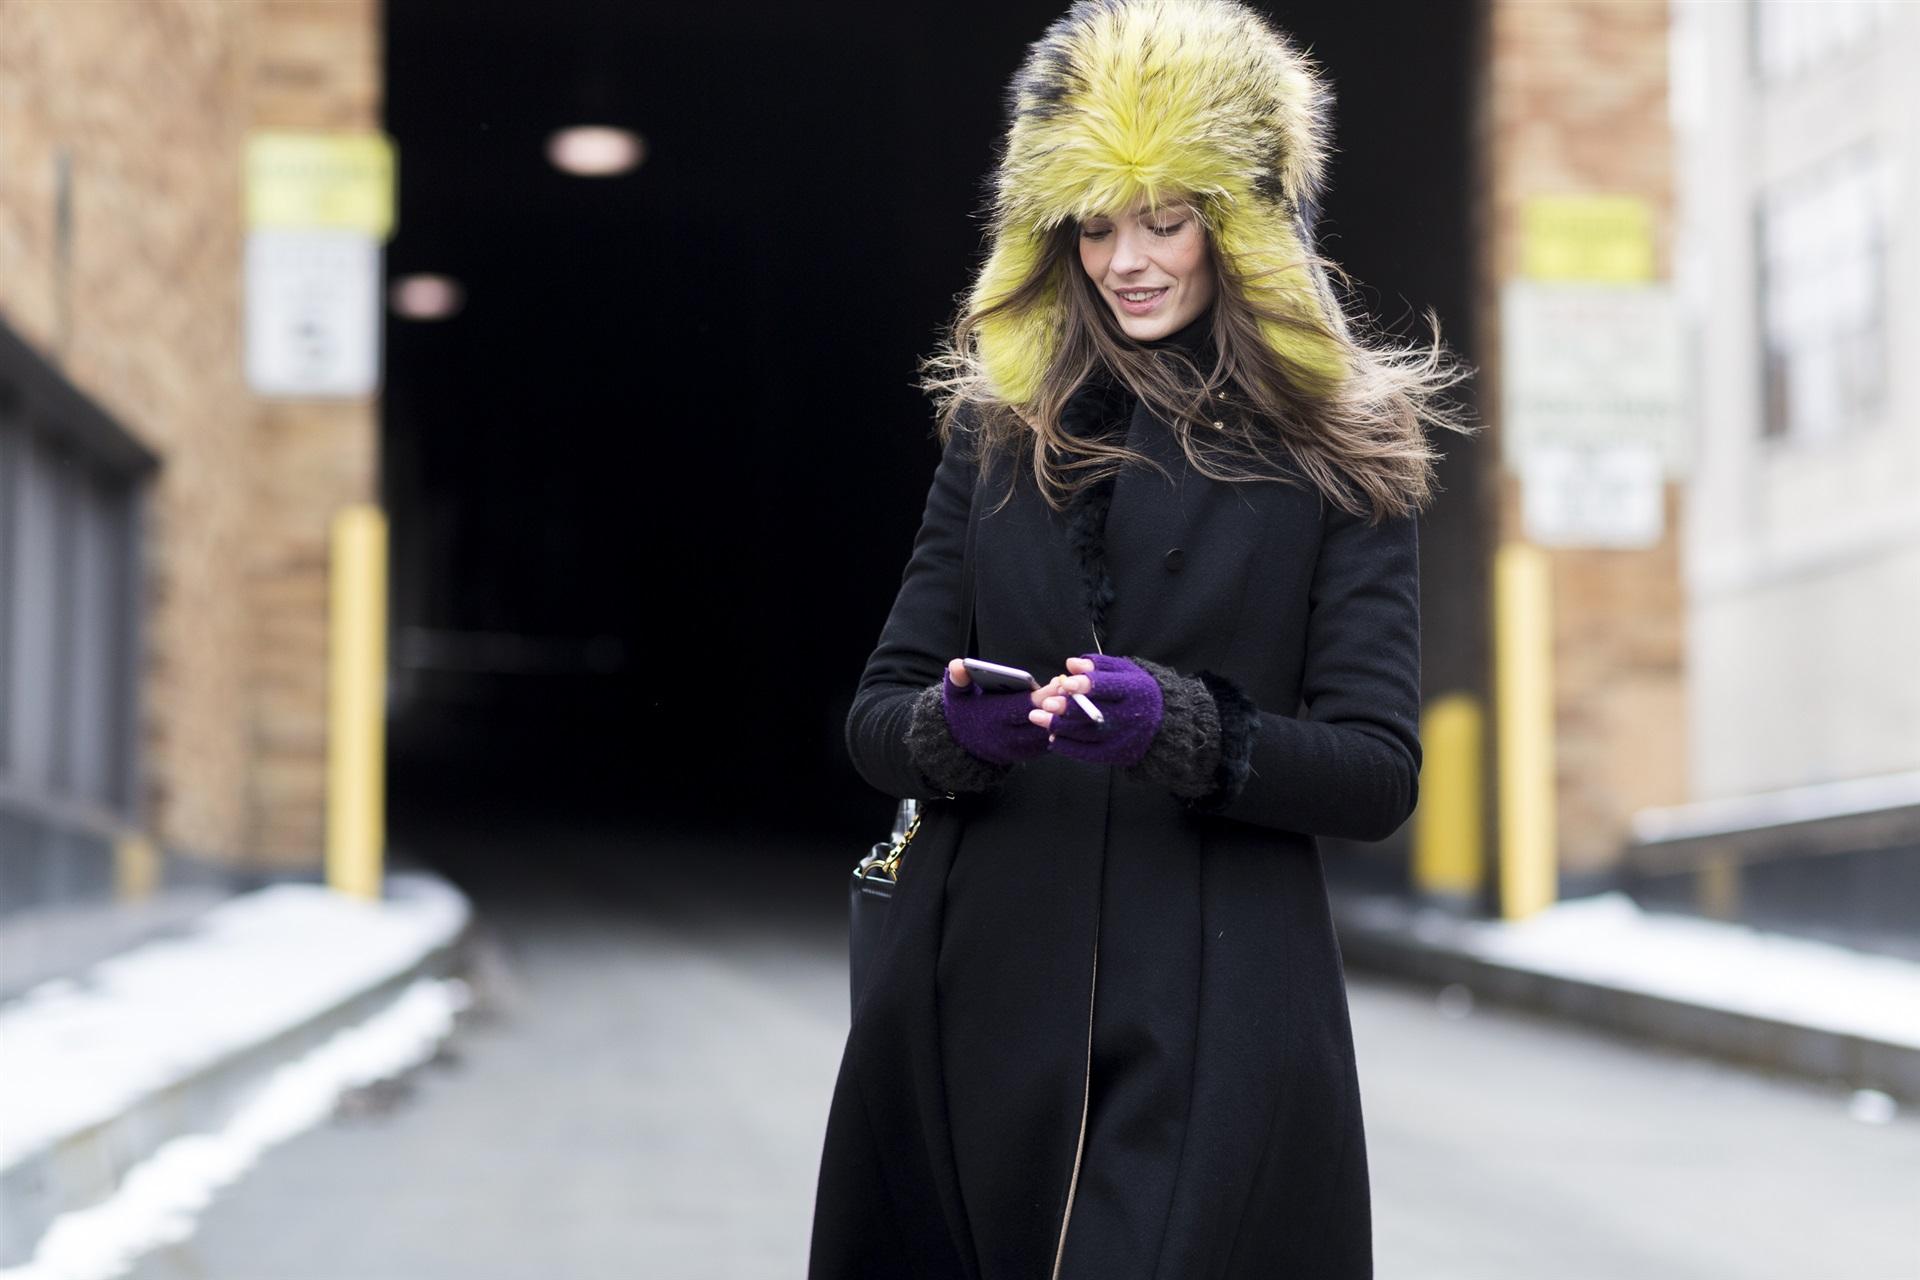 С чем носить шапку-ушанку: 7 полезных советов для повседневных образов